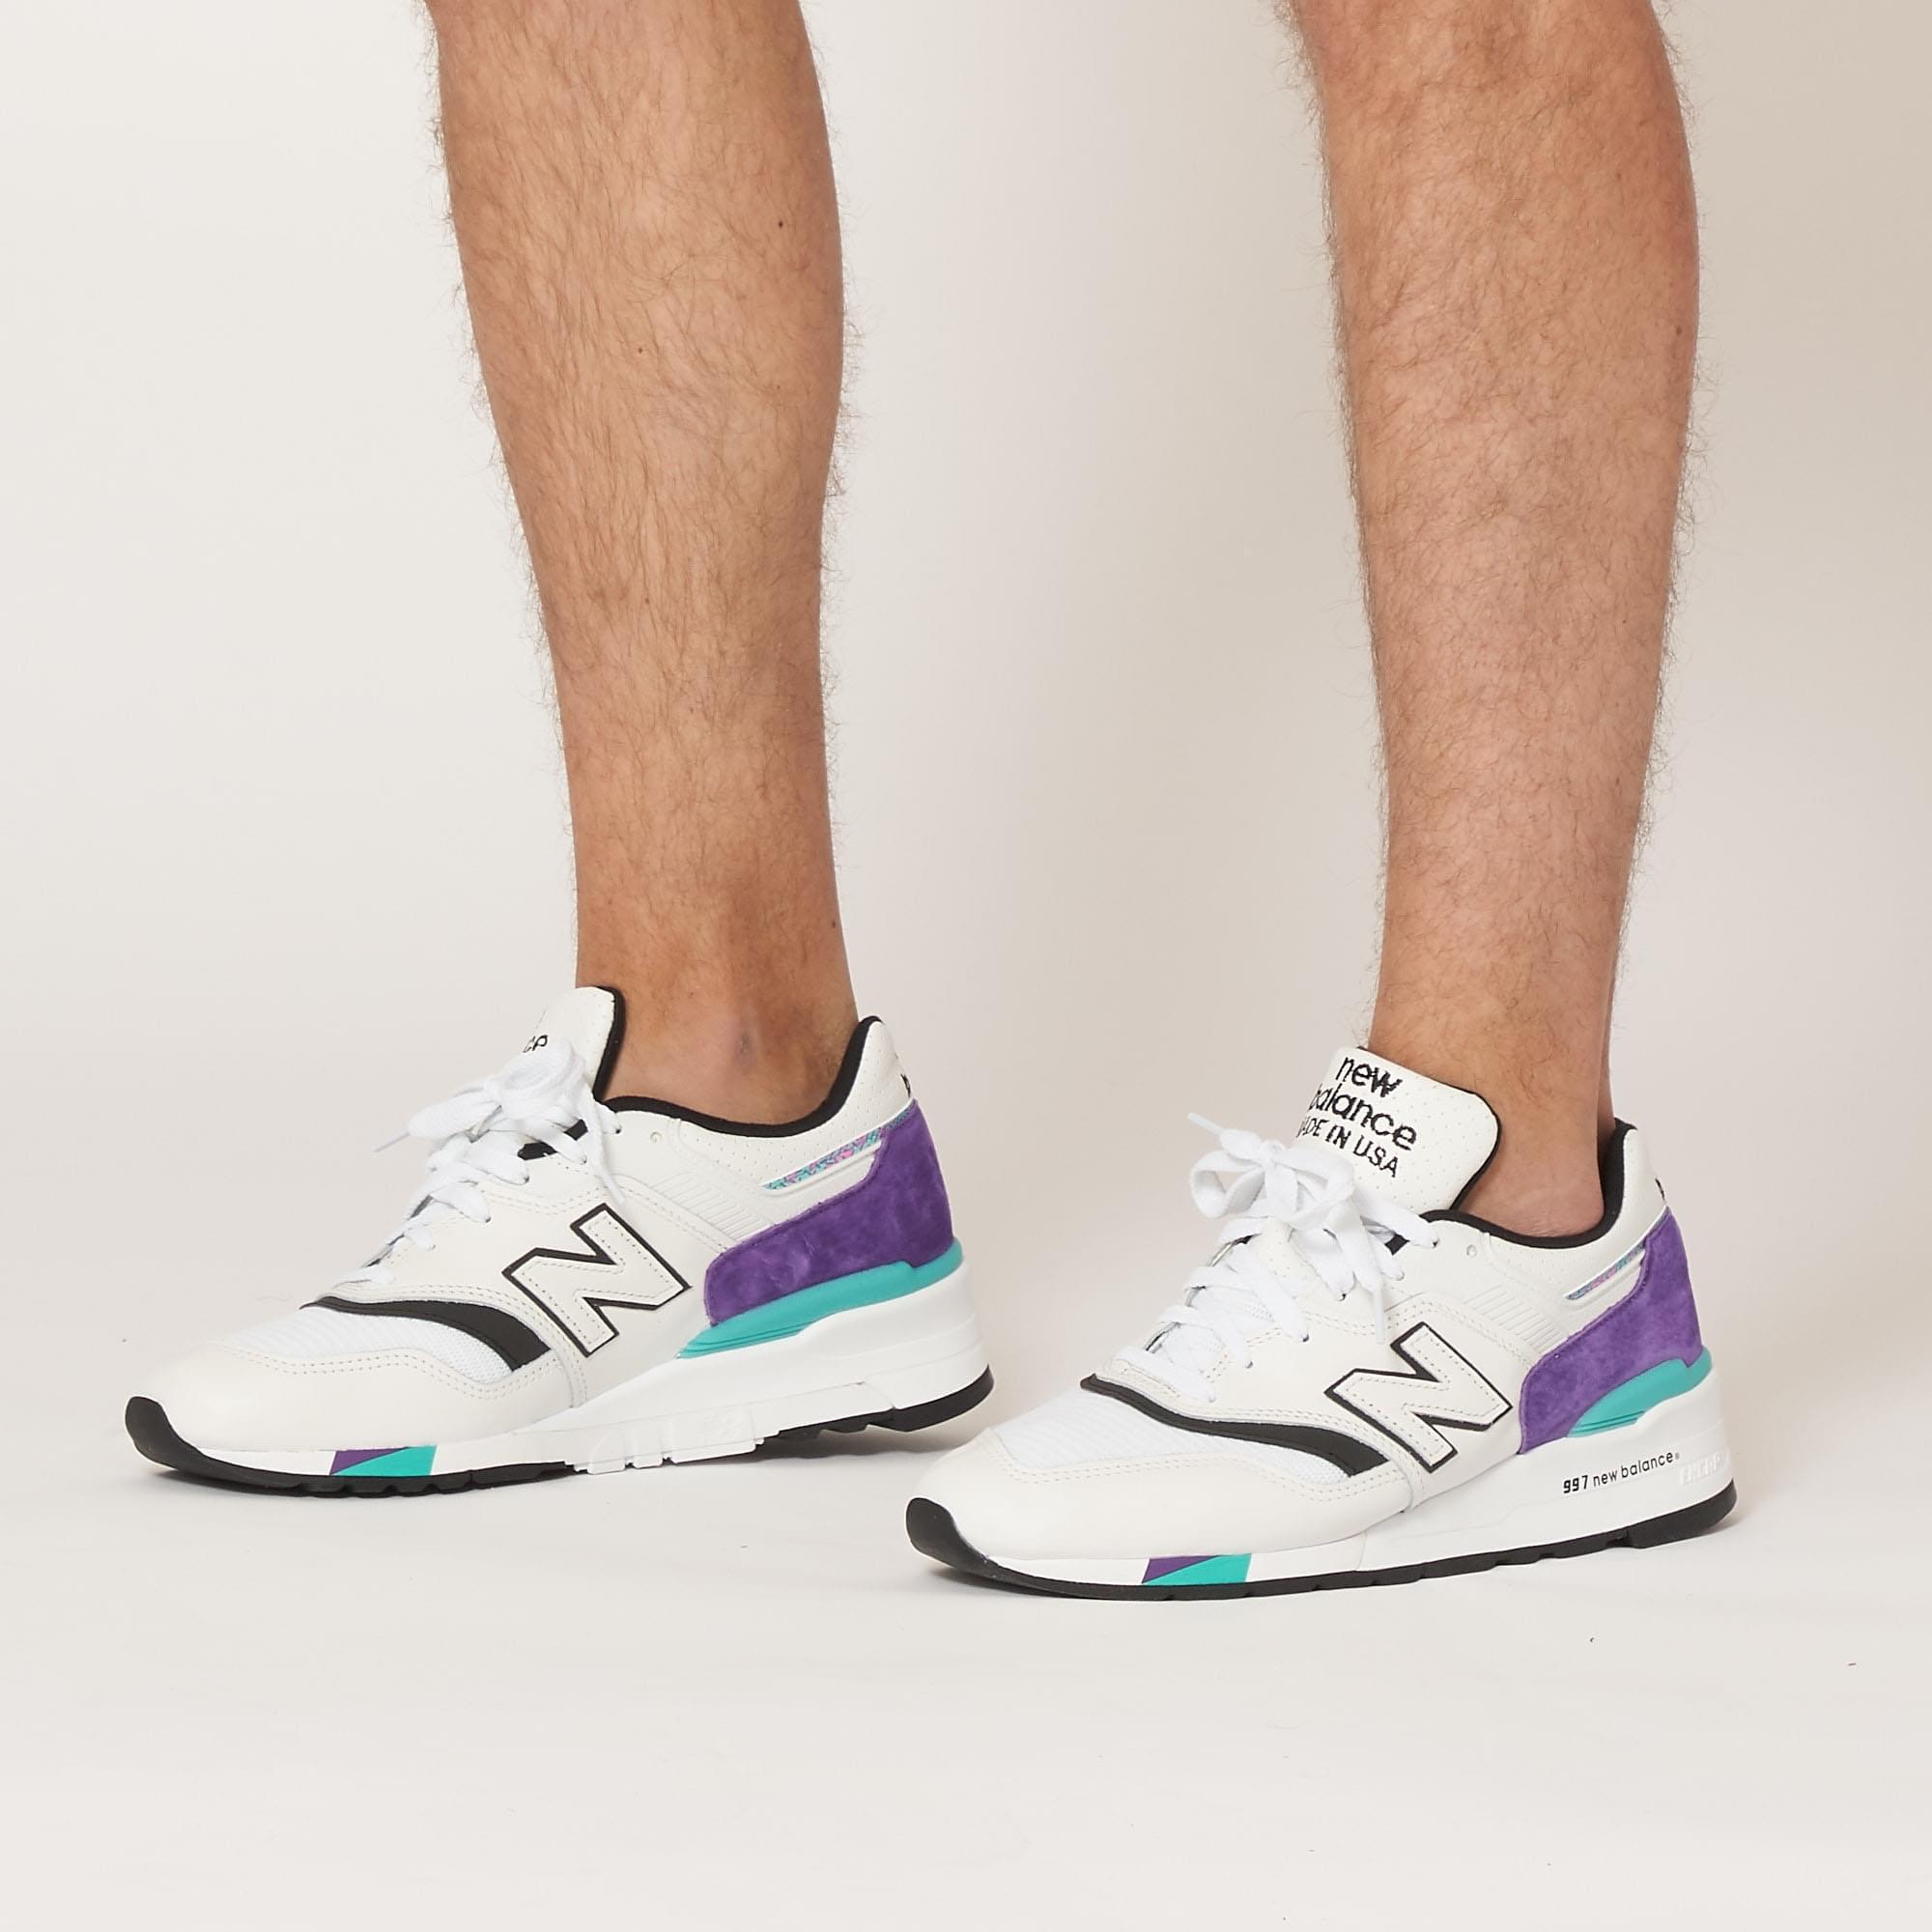 uk purple shoes new balance 997 billig